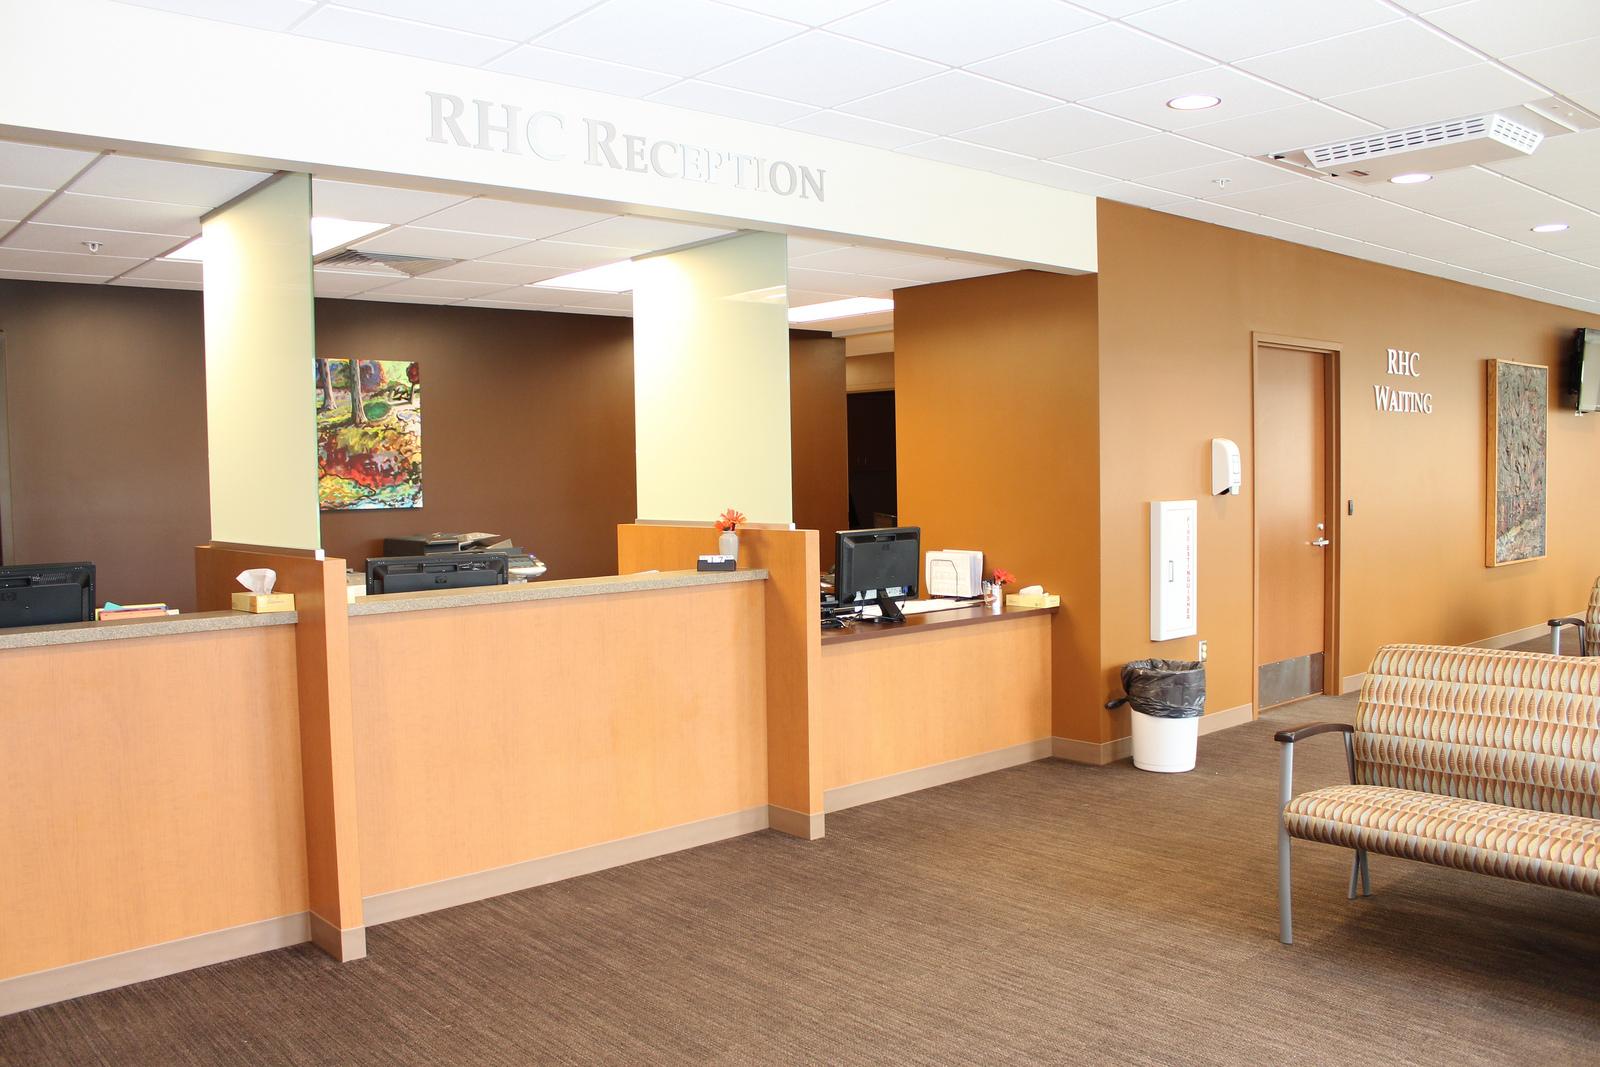 RHC Registration